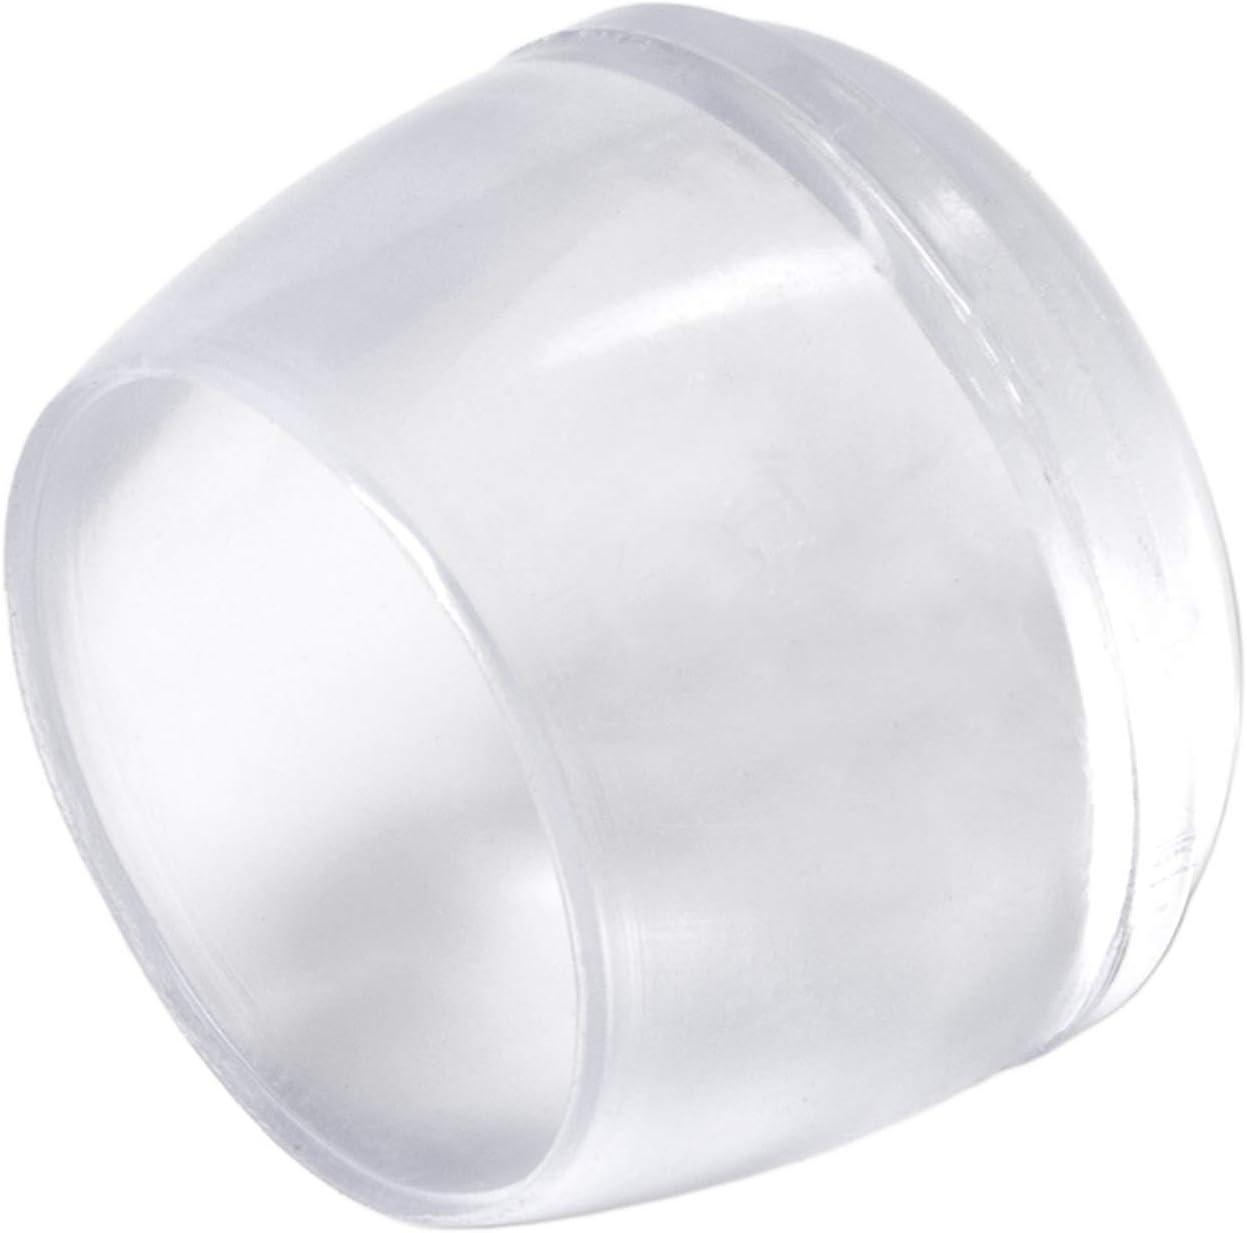 Adsamm/® M/öbelgleiter f/ür Stahlrohrst/ühle rund /Ø 12 mm Transparent 16 x Stuhlbeinkappen